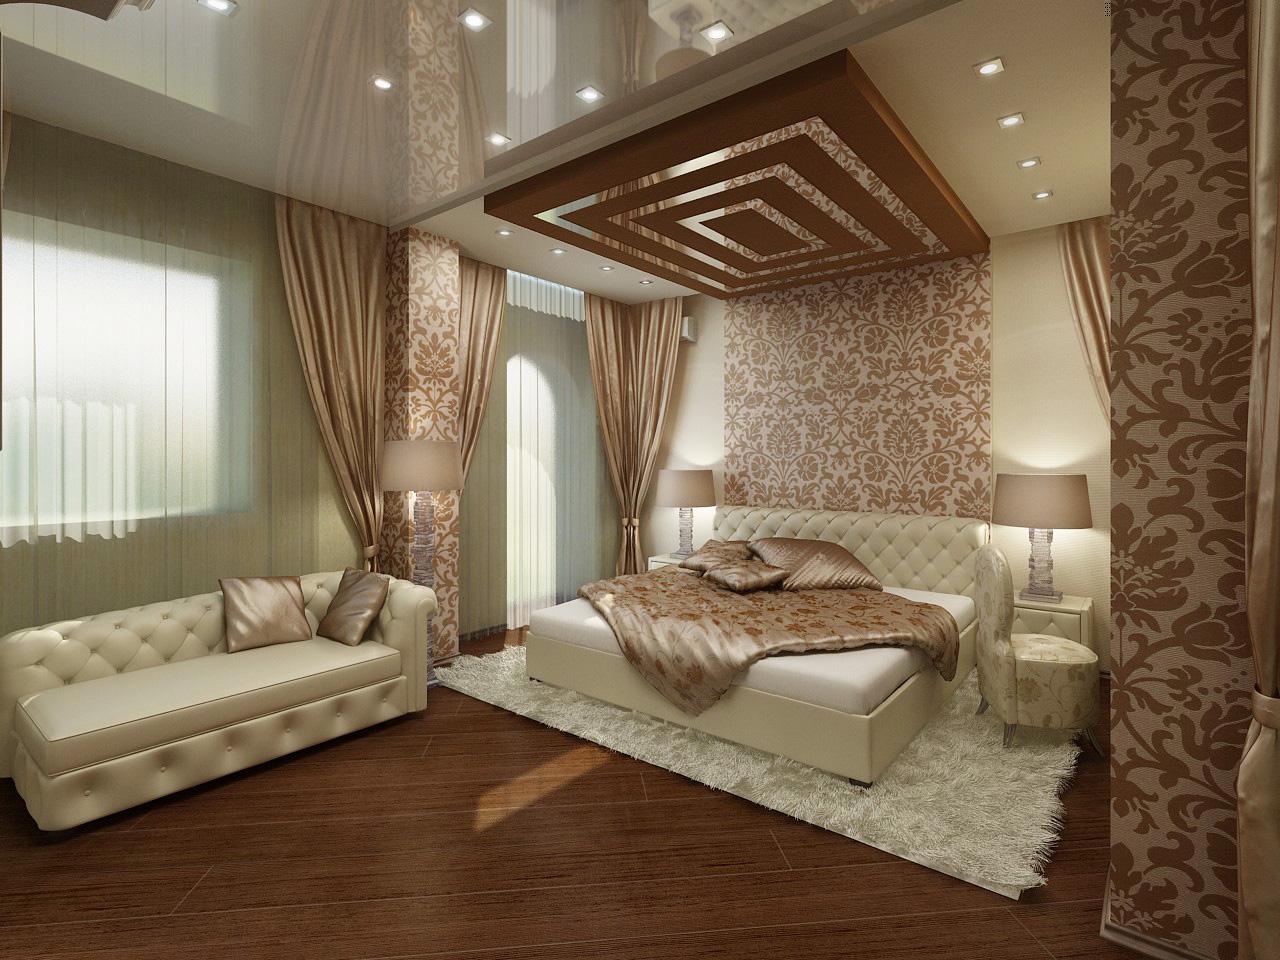 Дизайн интерьера проект спальня фото